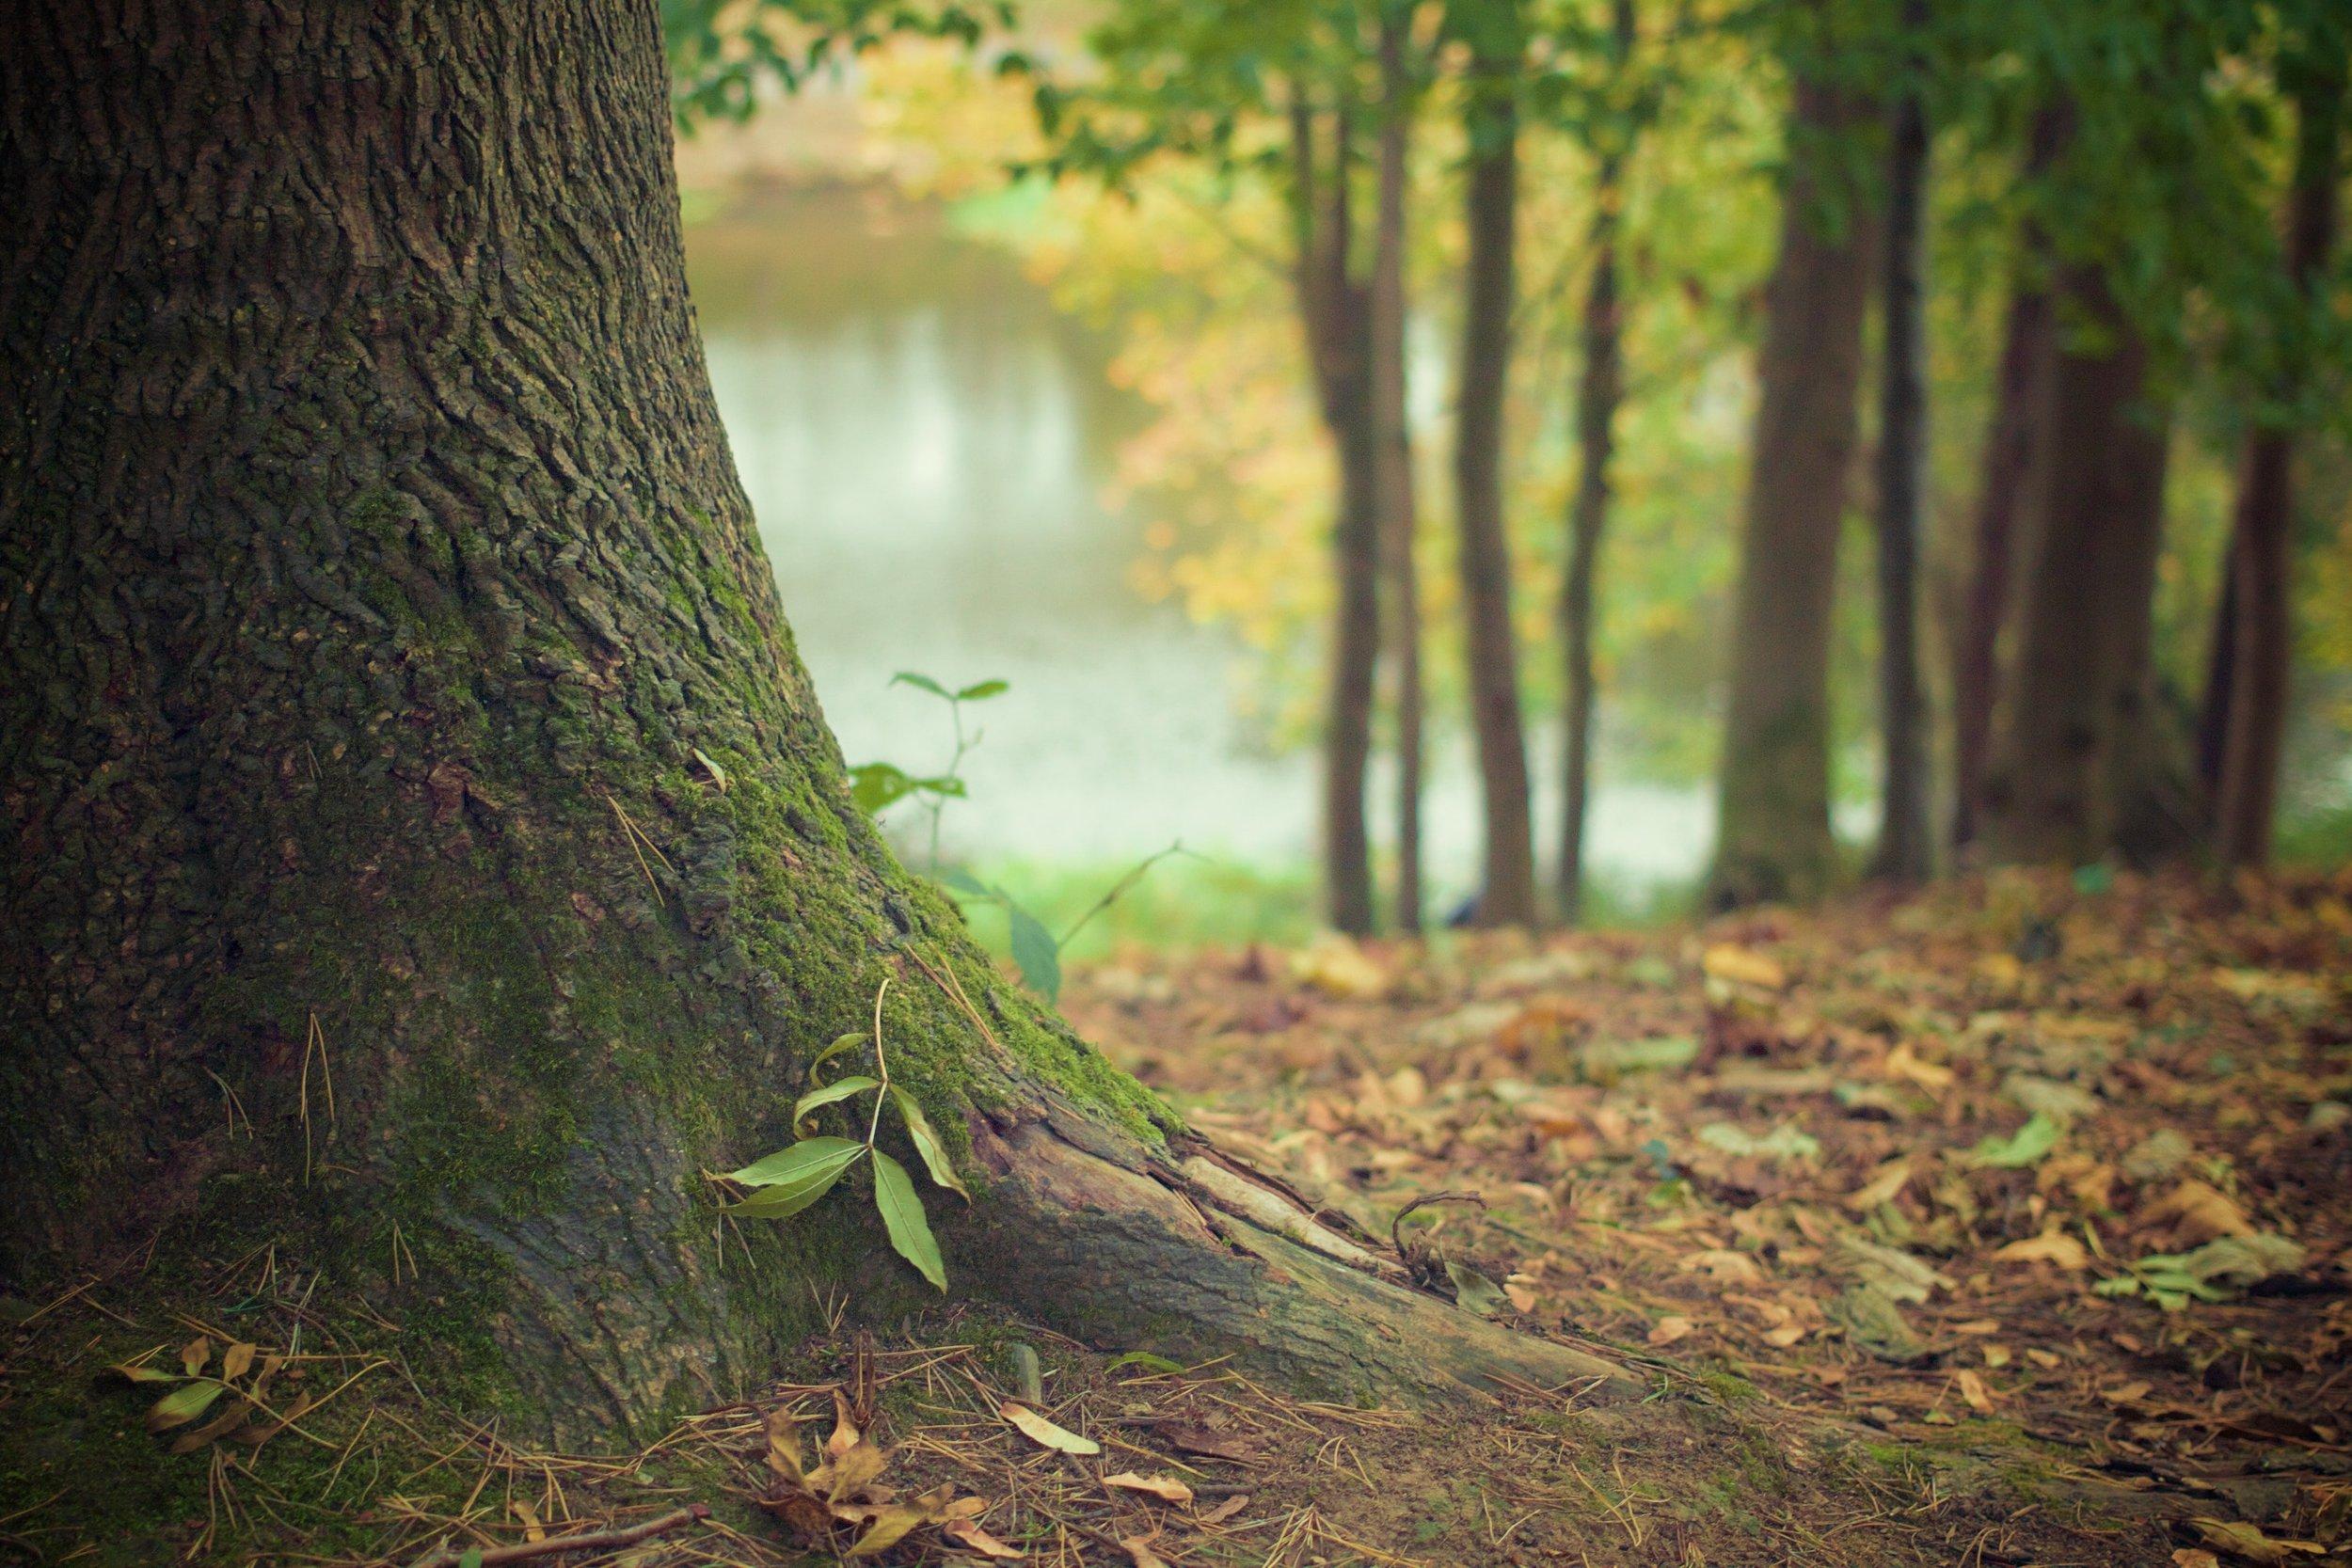 forest-hd-wallpaper-moss-4700.jpg